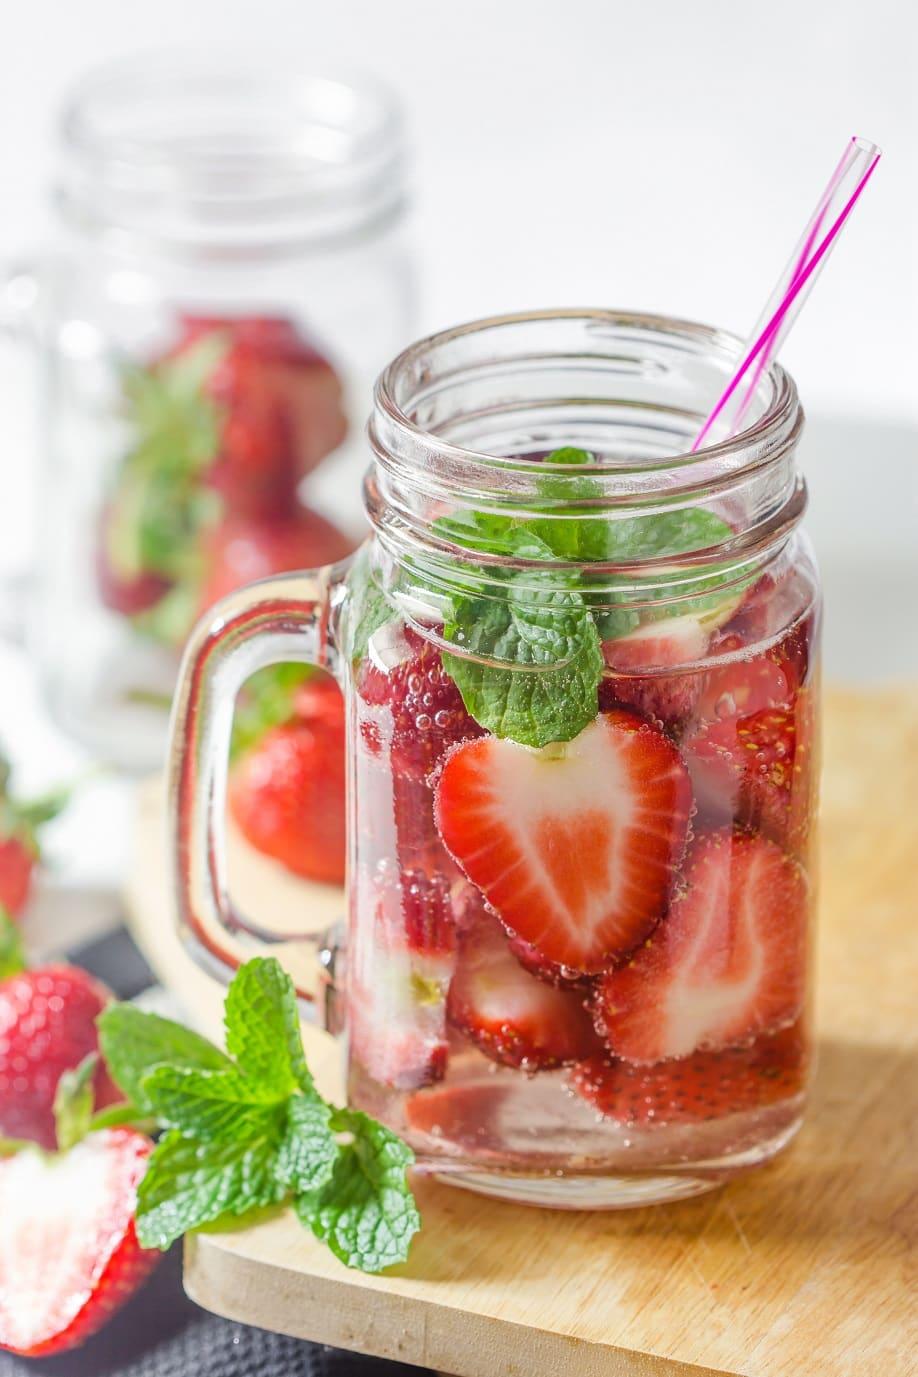 Westwing-eaux-aromatisées-fraise-basilic